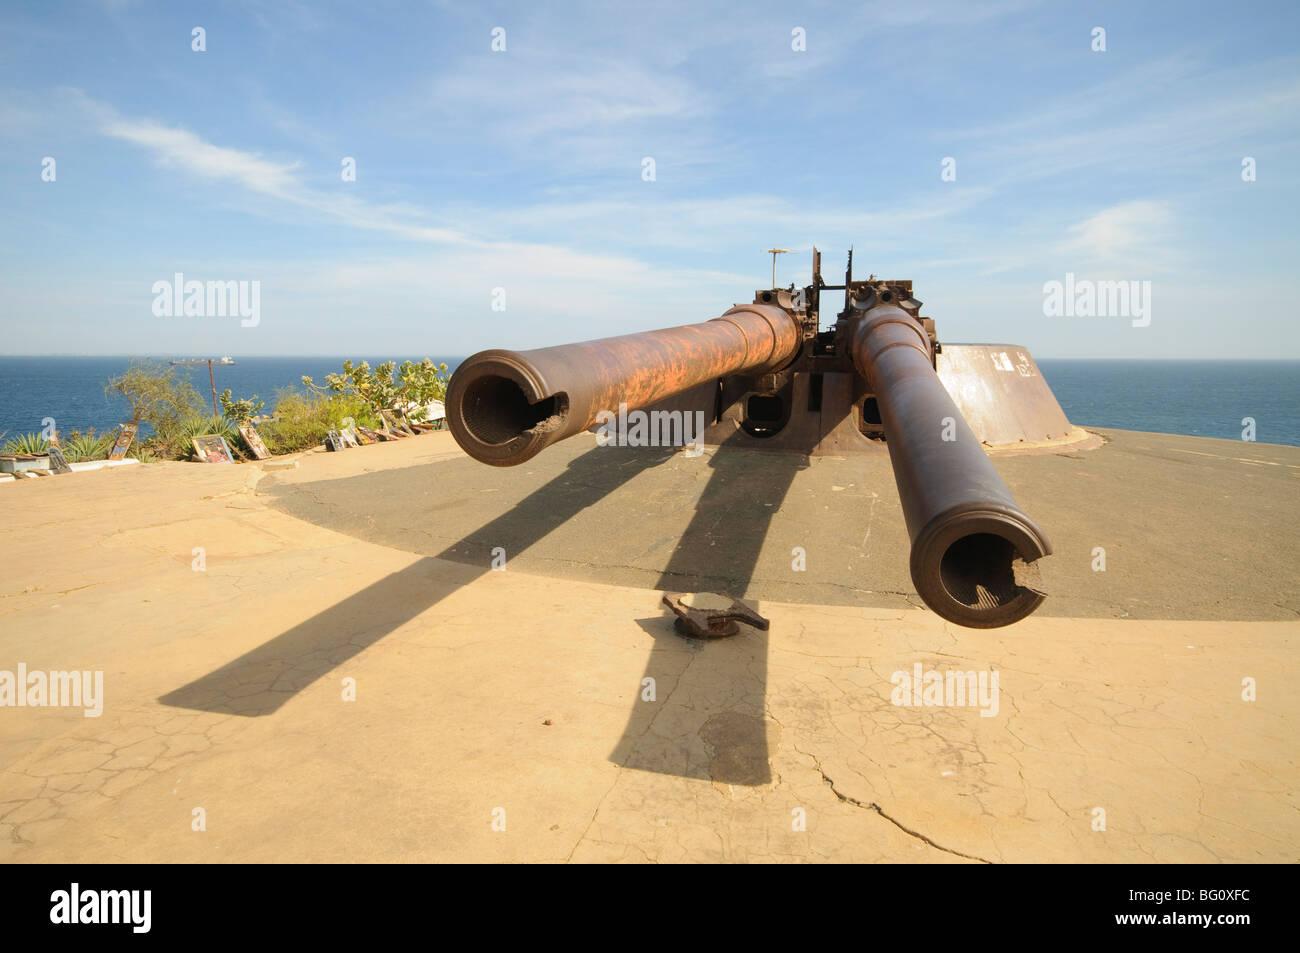 Pistole, isola di Goree famoso per il suo ruolo in schiavitù, vicino a Dakar, Senegal, Africa occidentale, Immagini Stock